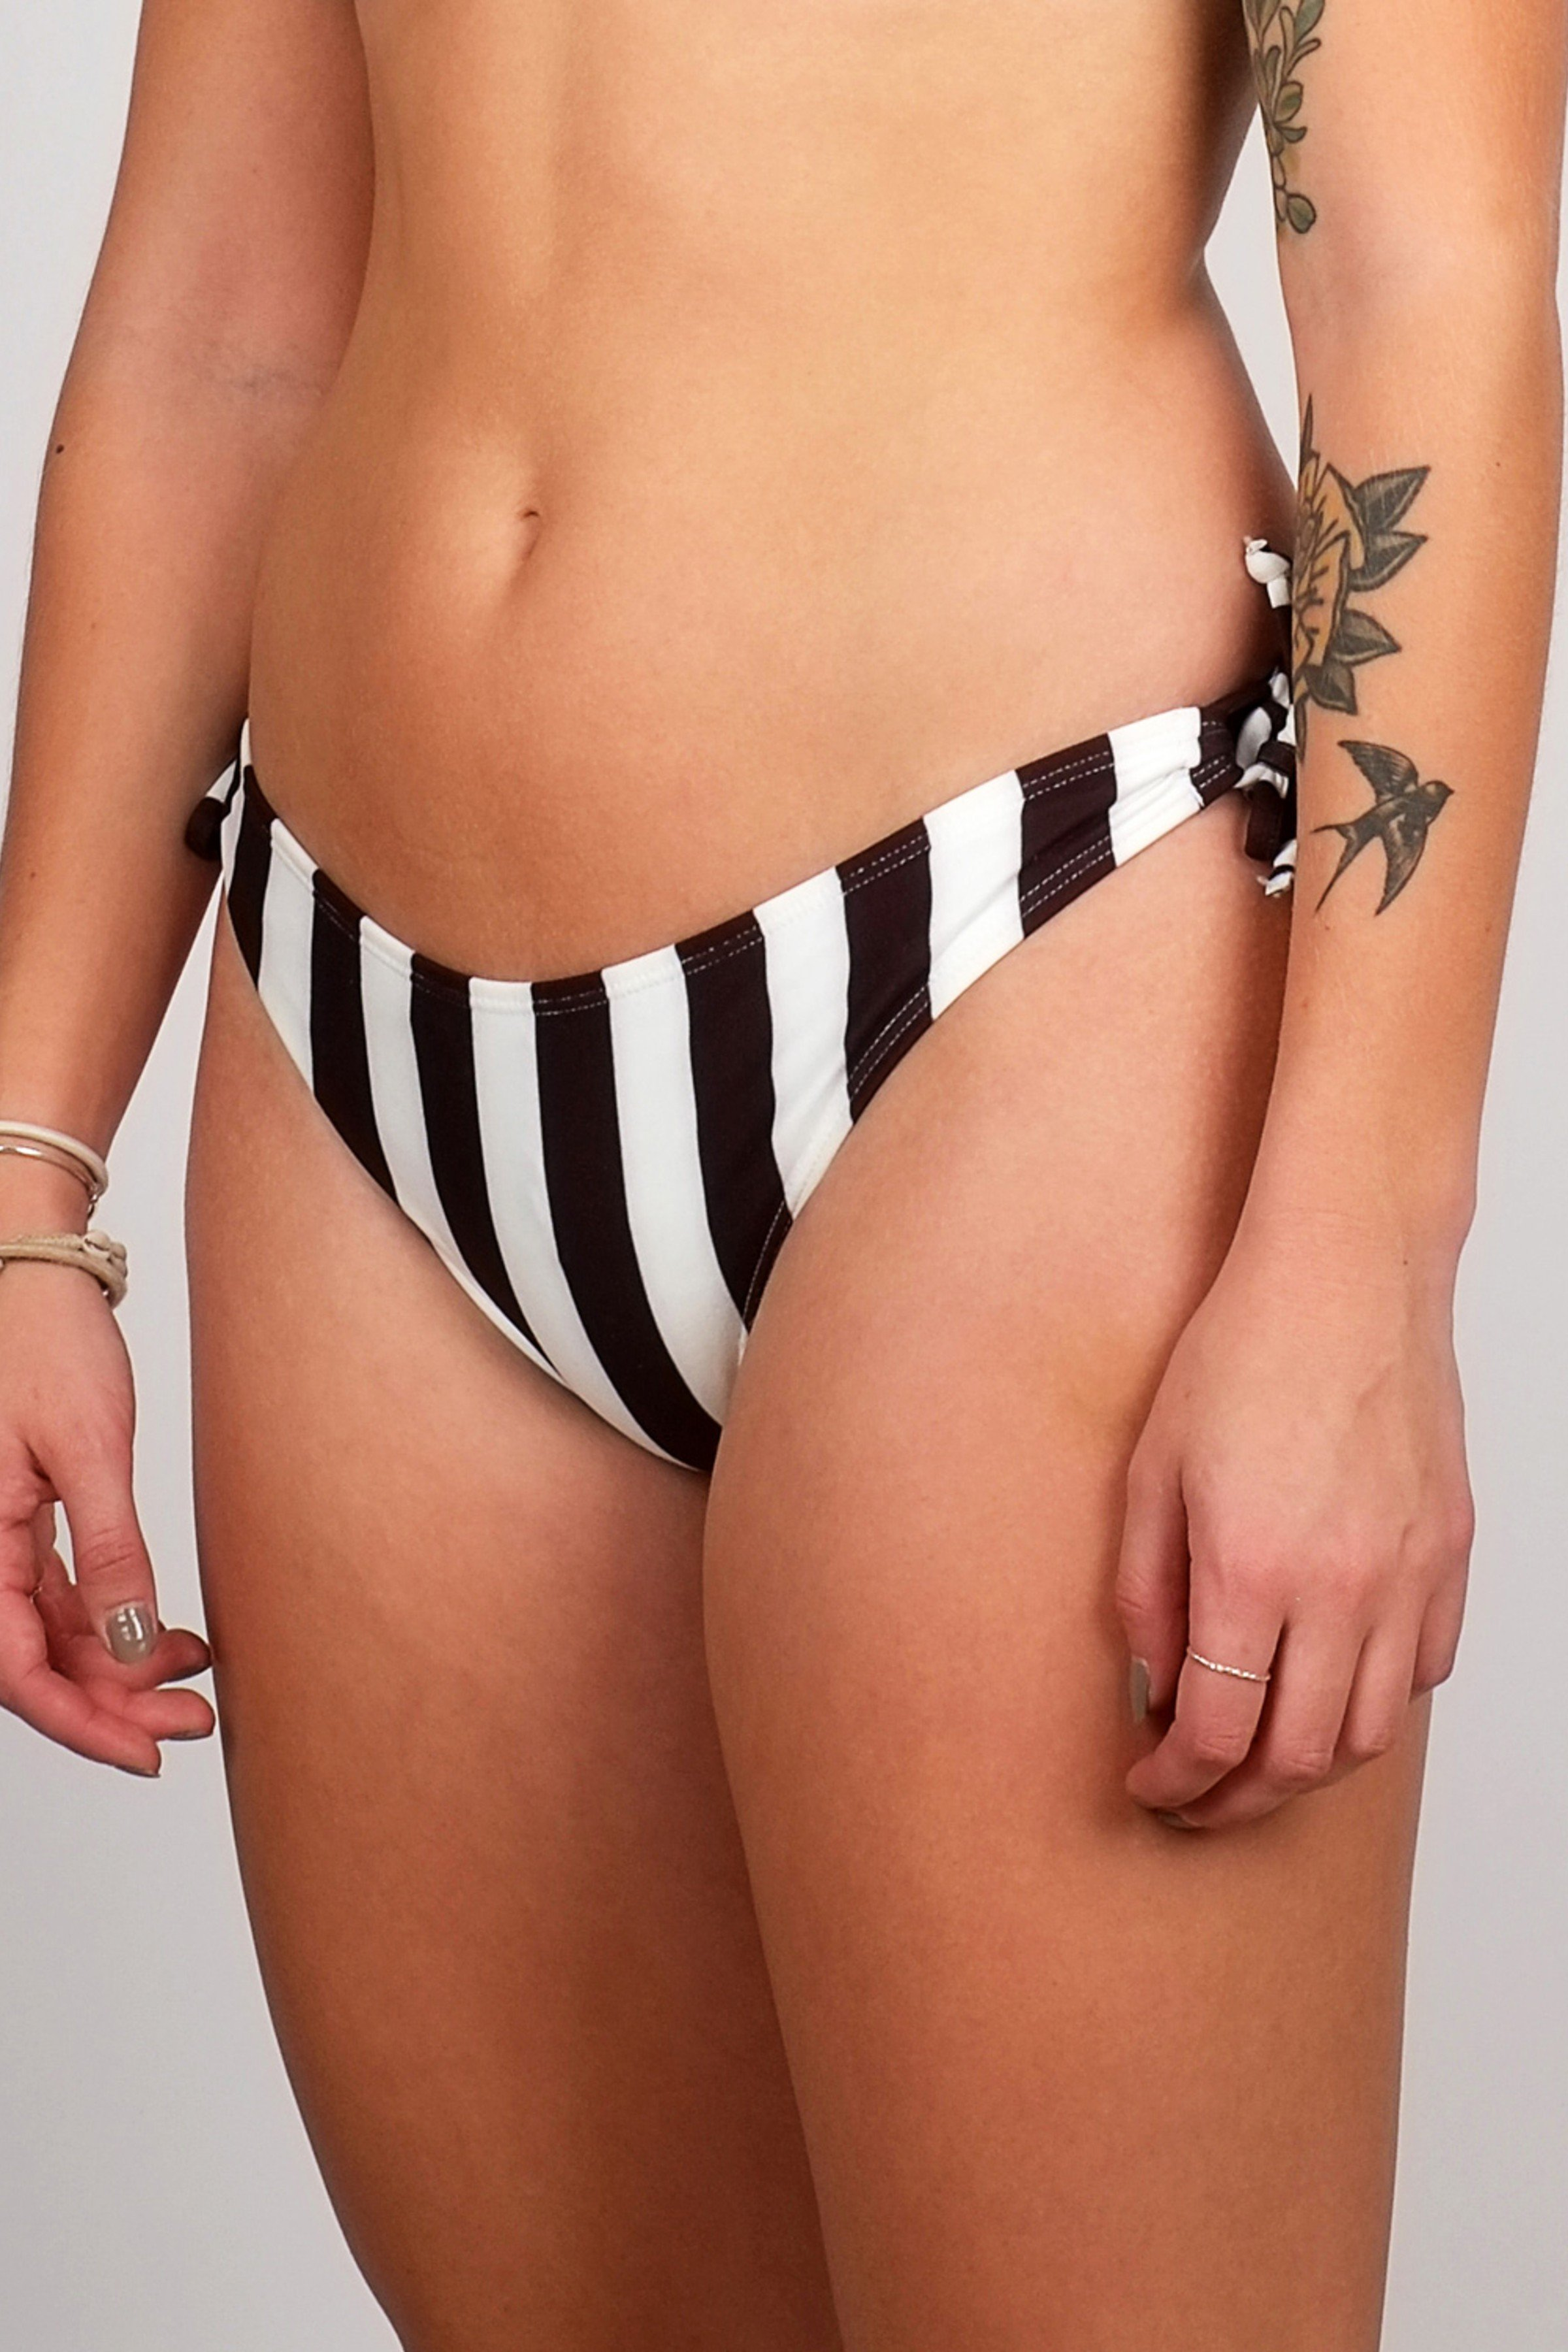 Bikini Bottom Odda Big Stripes Weiss from LOVECO